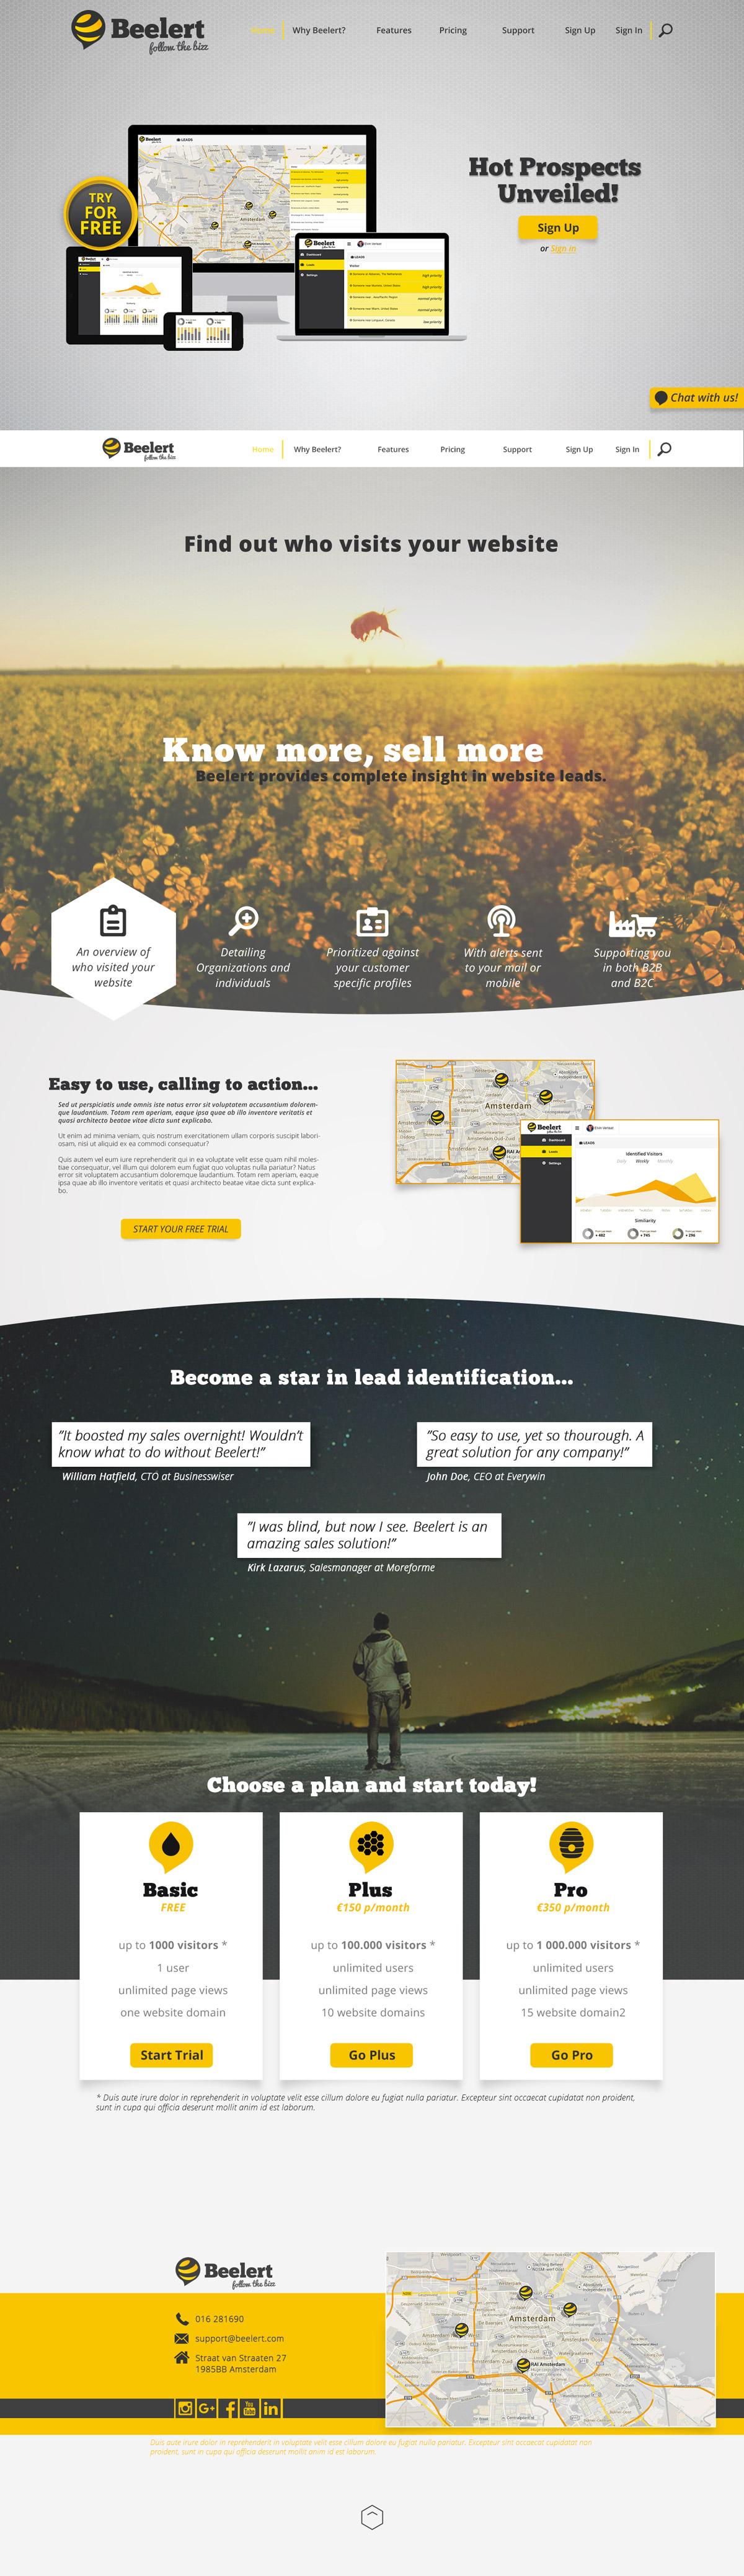 beelert-website-desktop